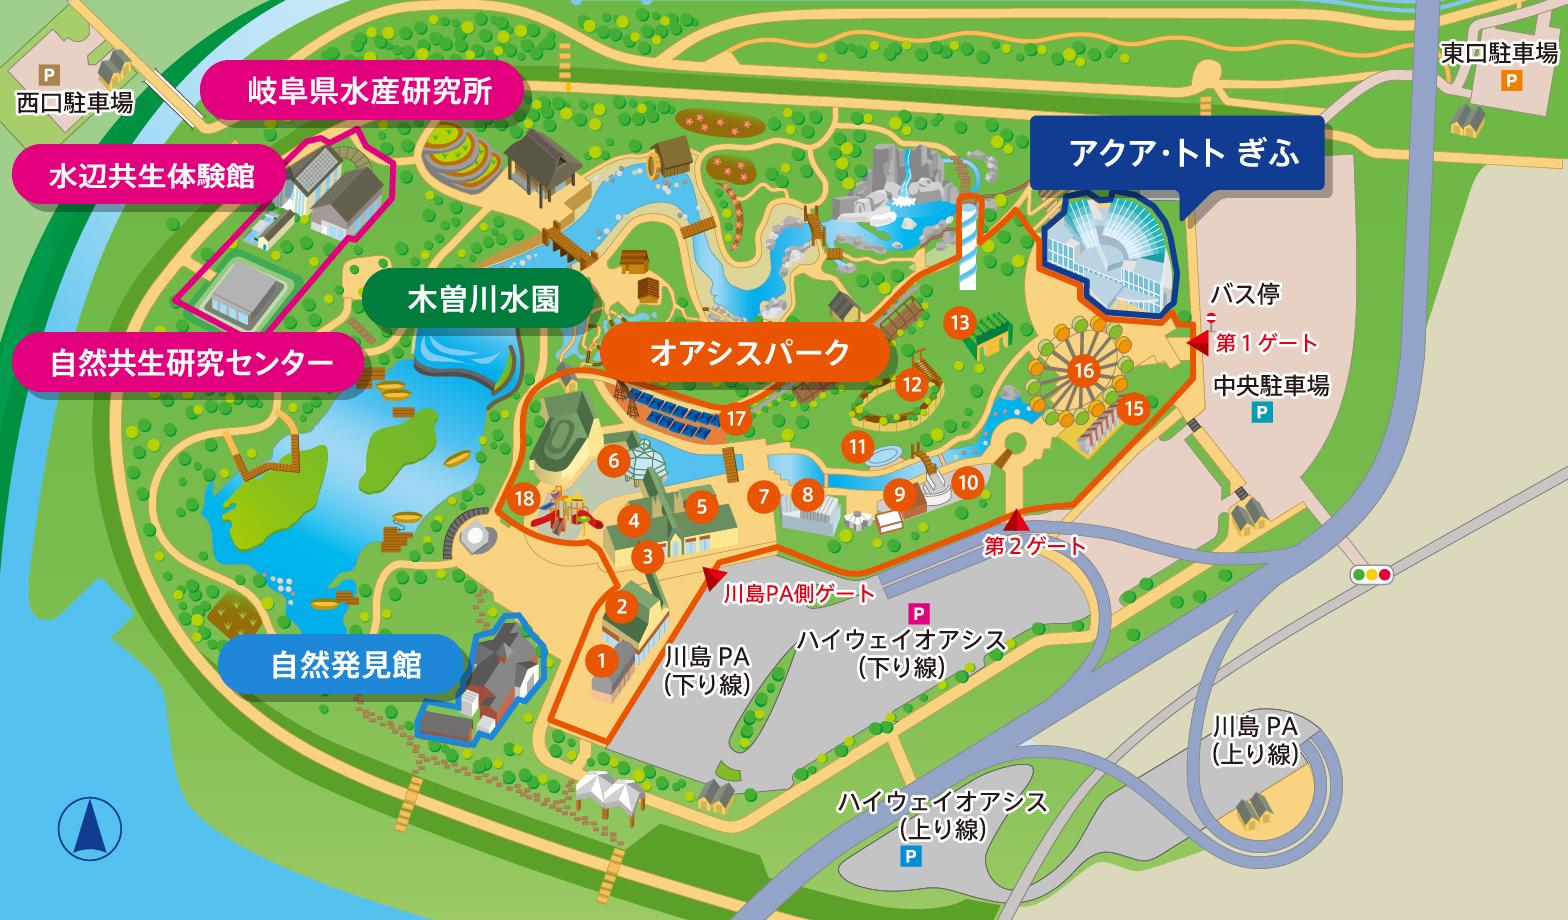 河川環境楽園マップ